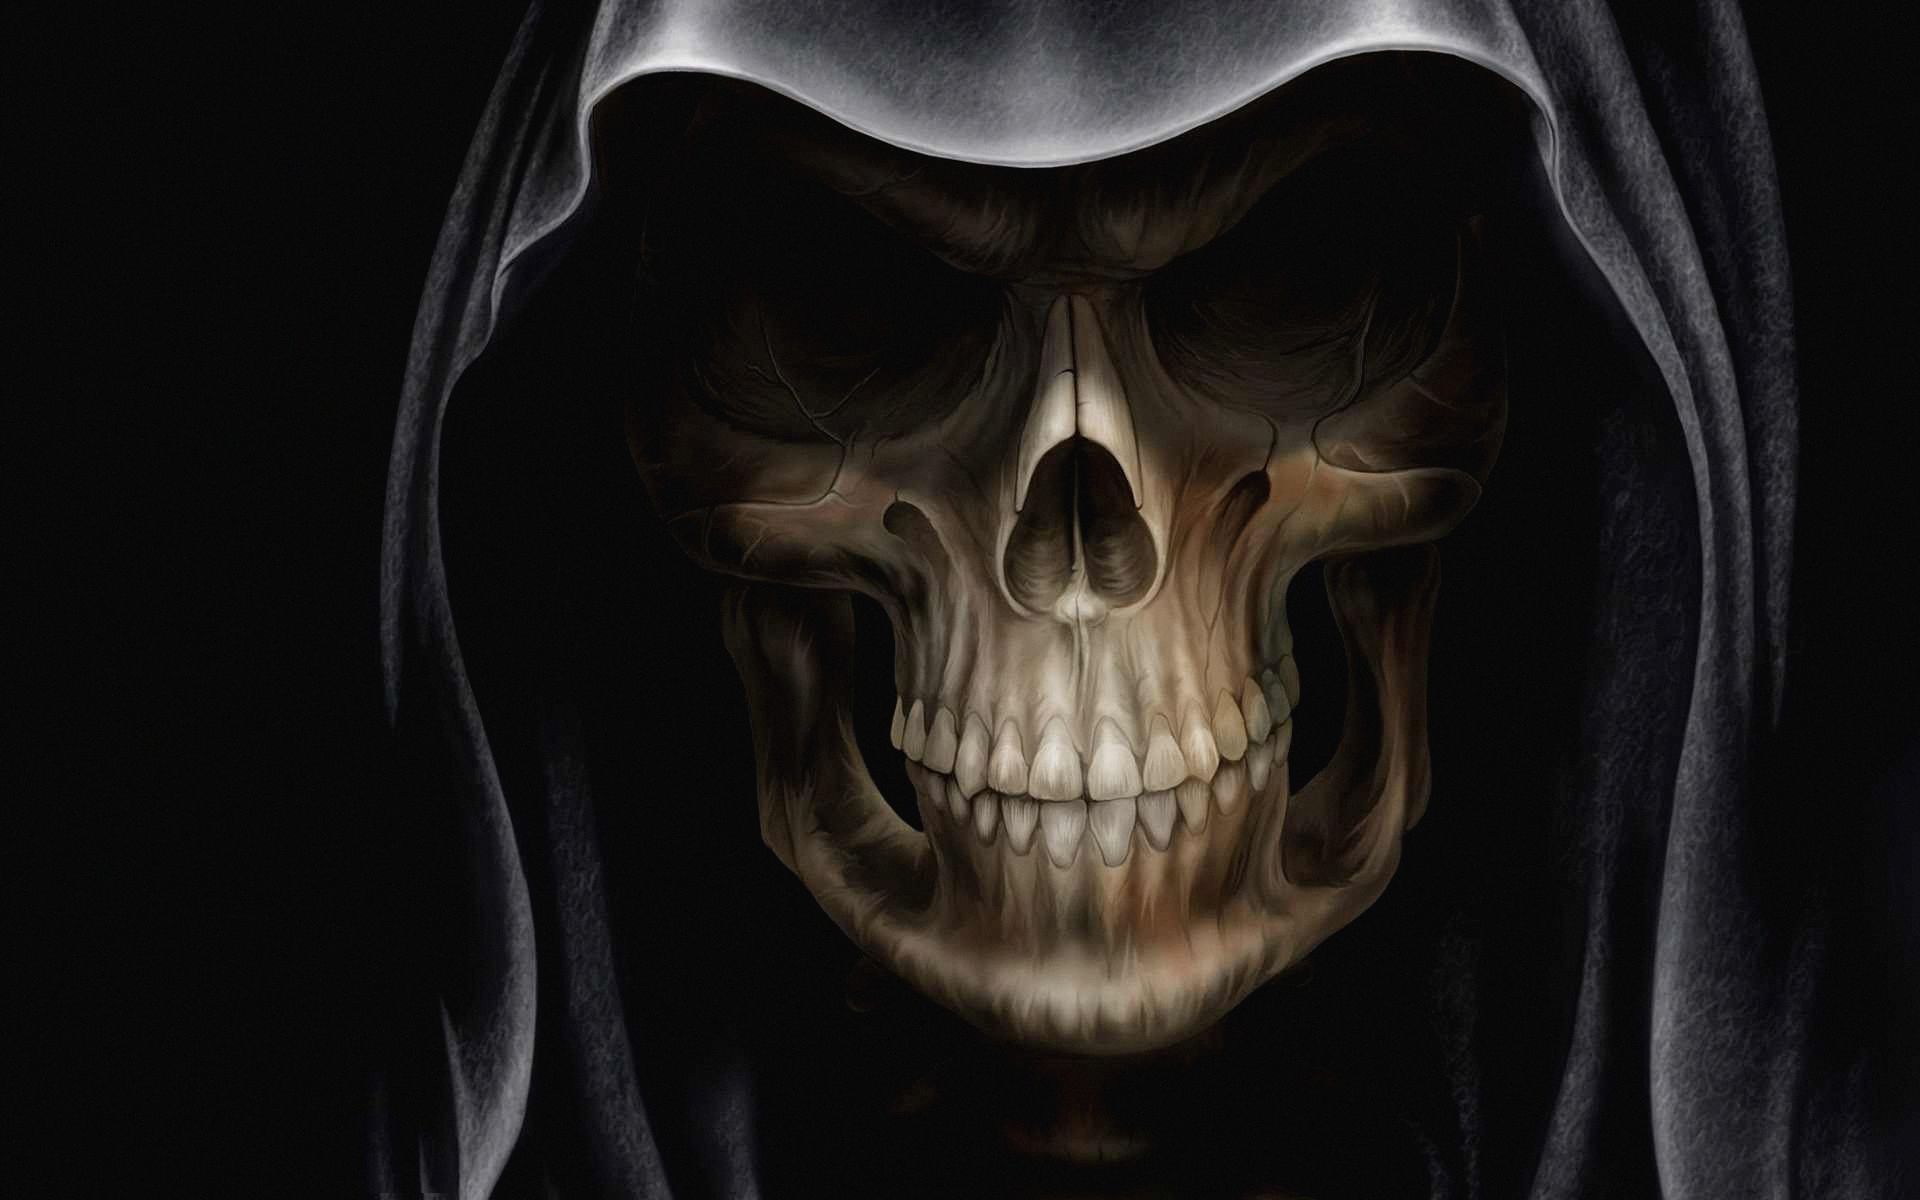 Grim Reaper Backgrounds, Compatible - PC, Mobile, Gadgets| 1920x1200 px